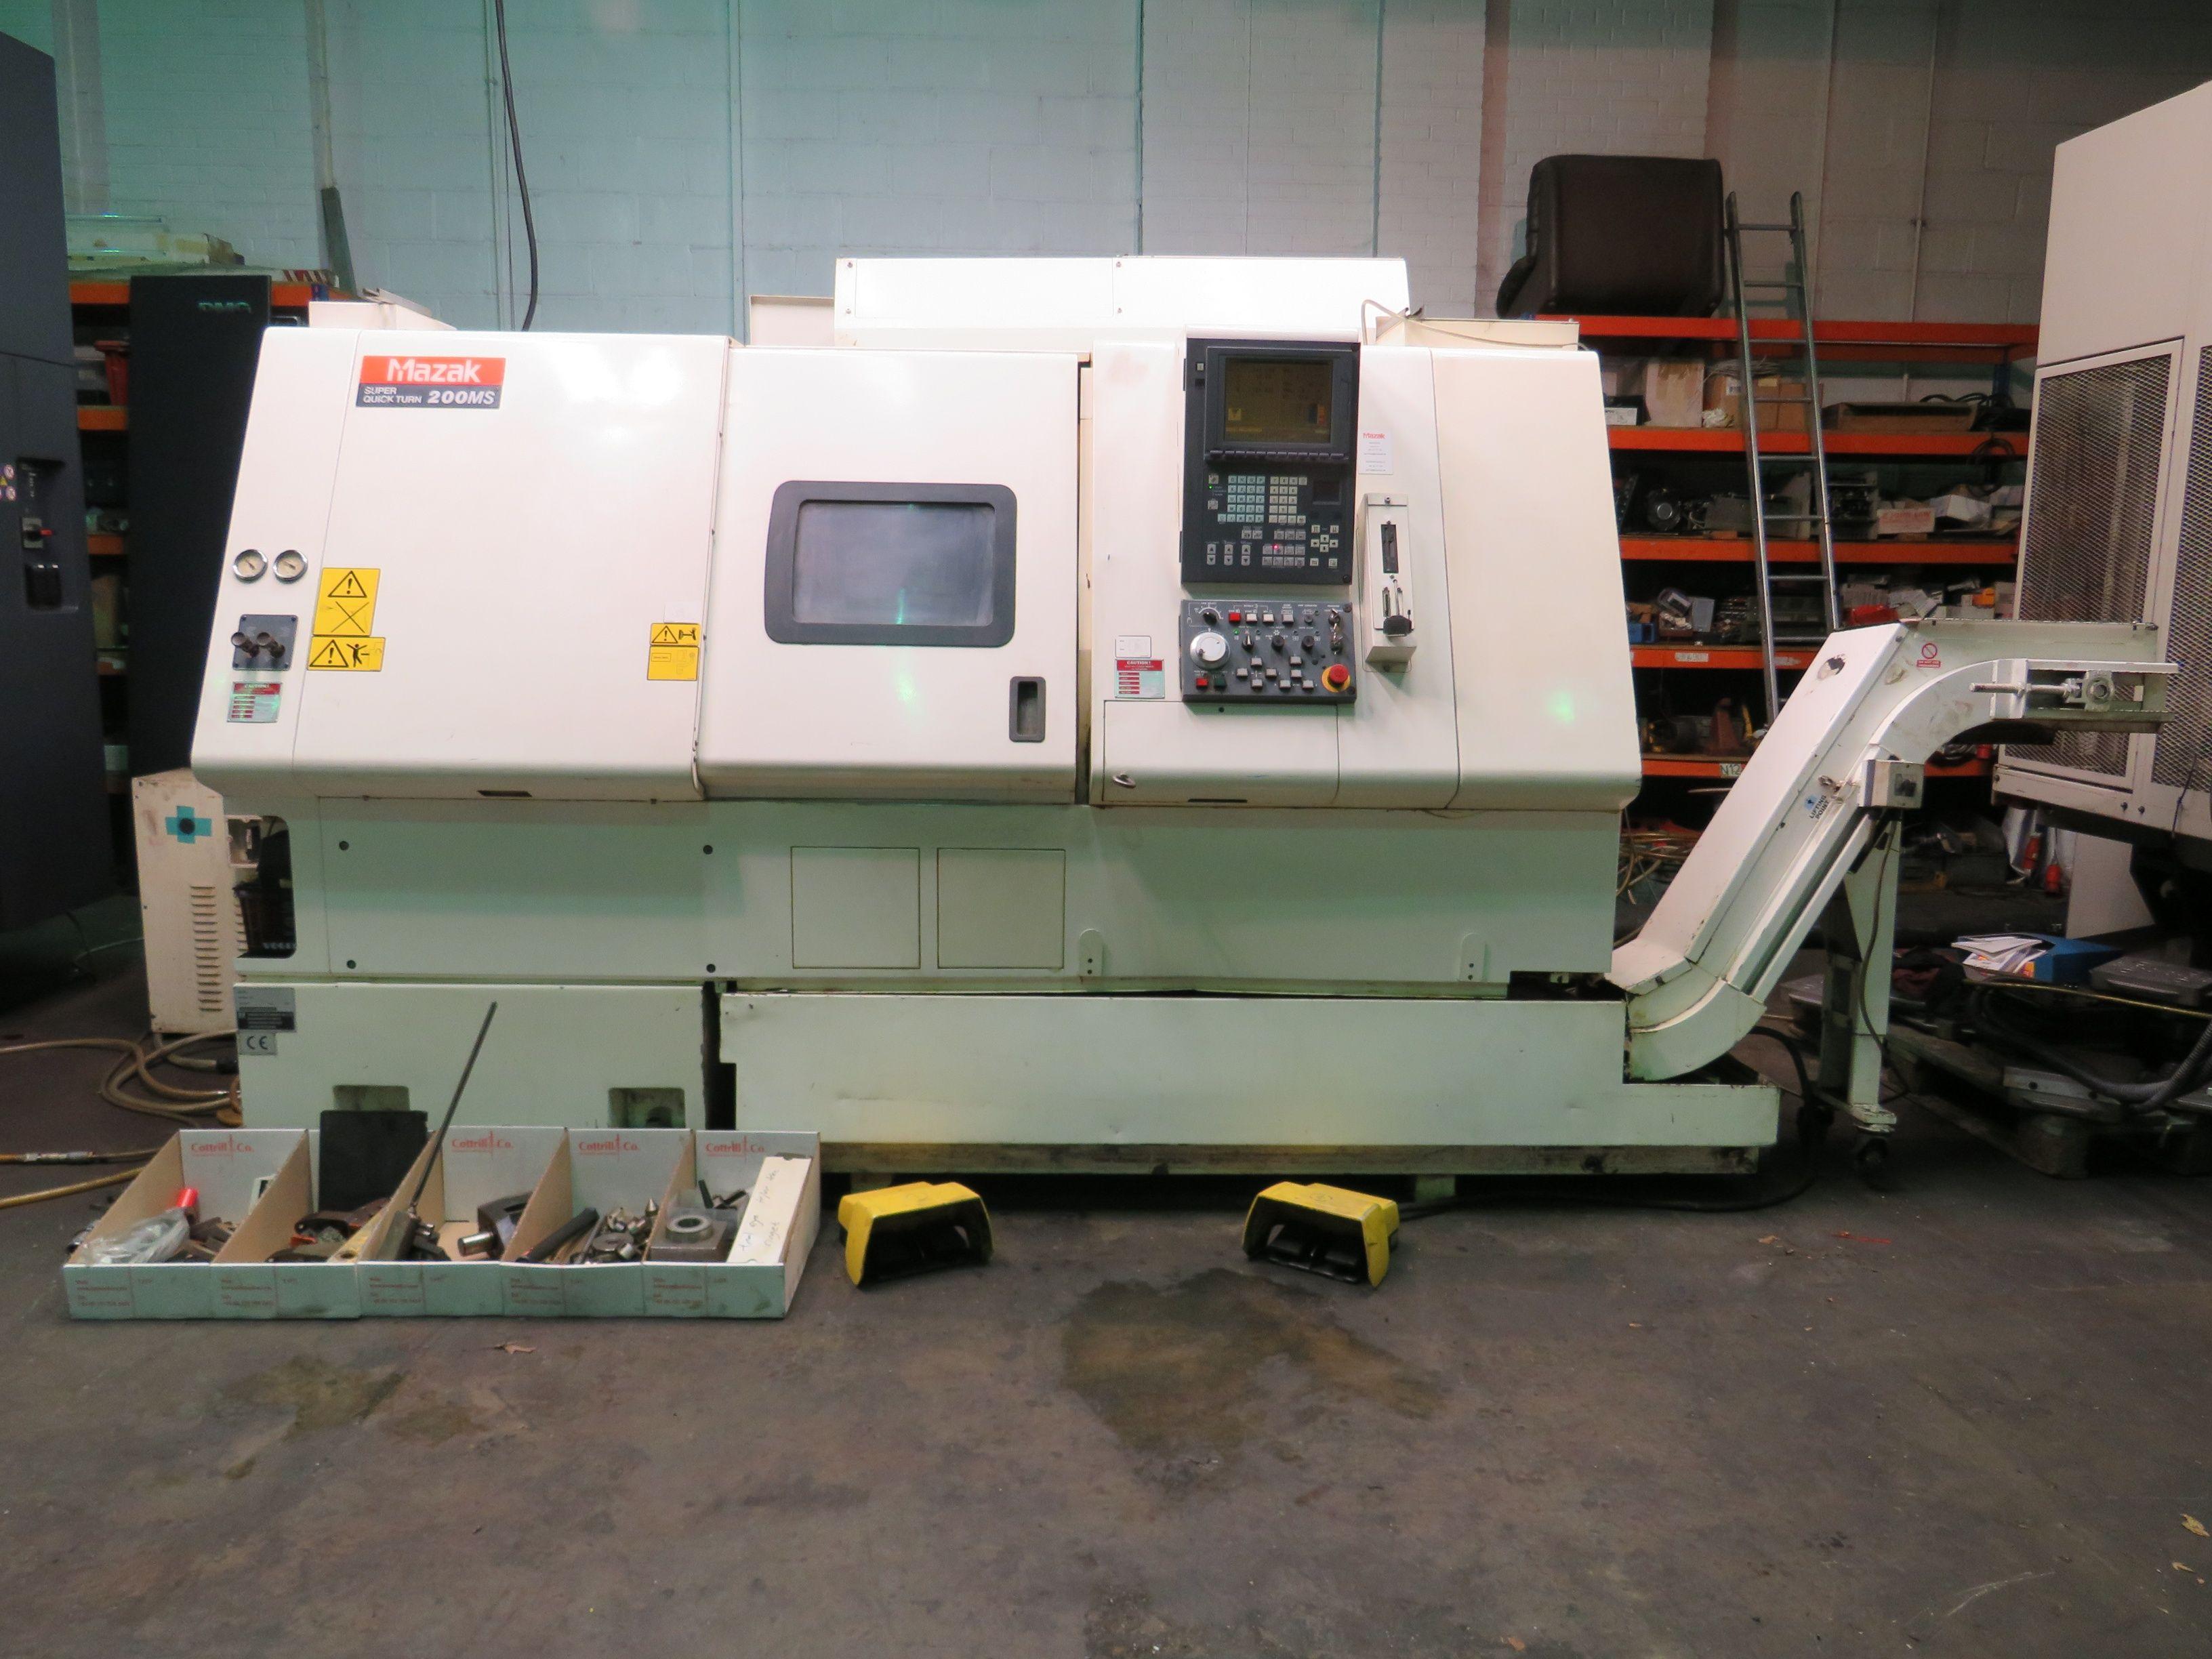 Mazak Super Quick Turn 200MS CNC-Drehmaschine